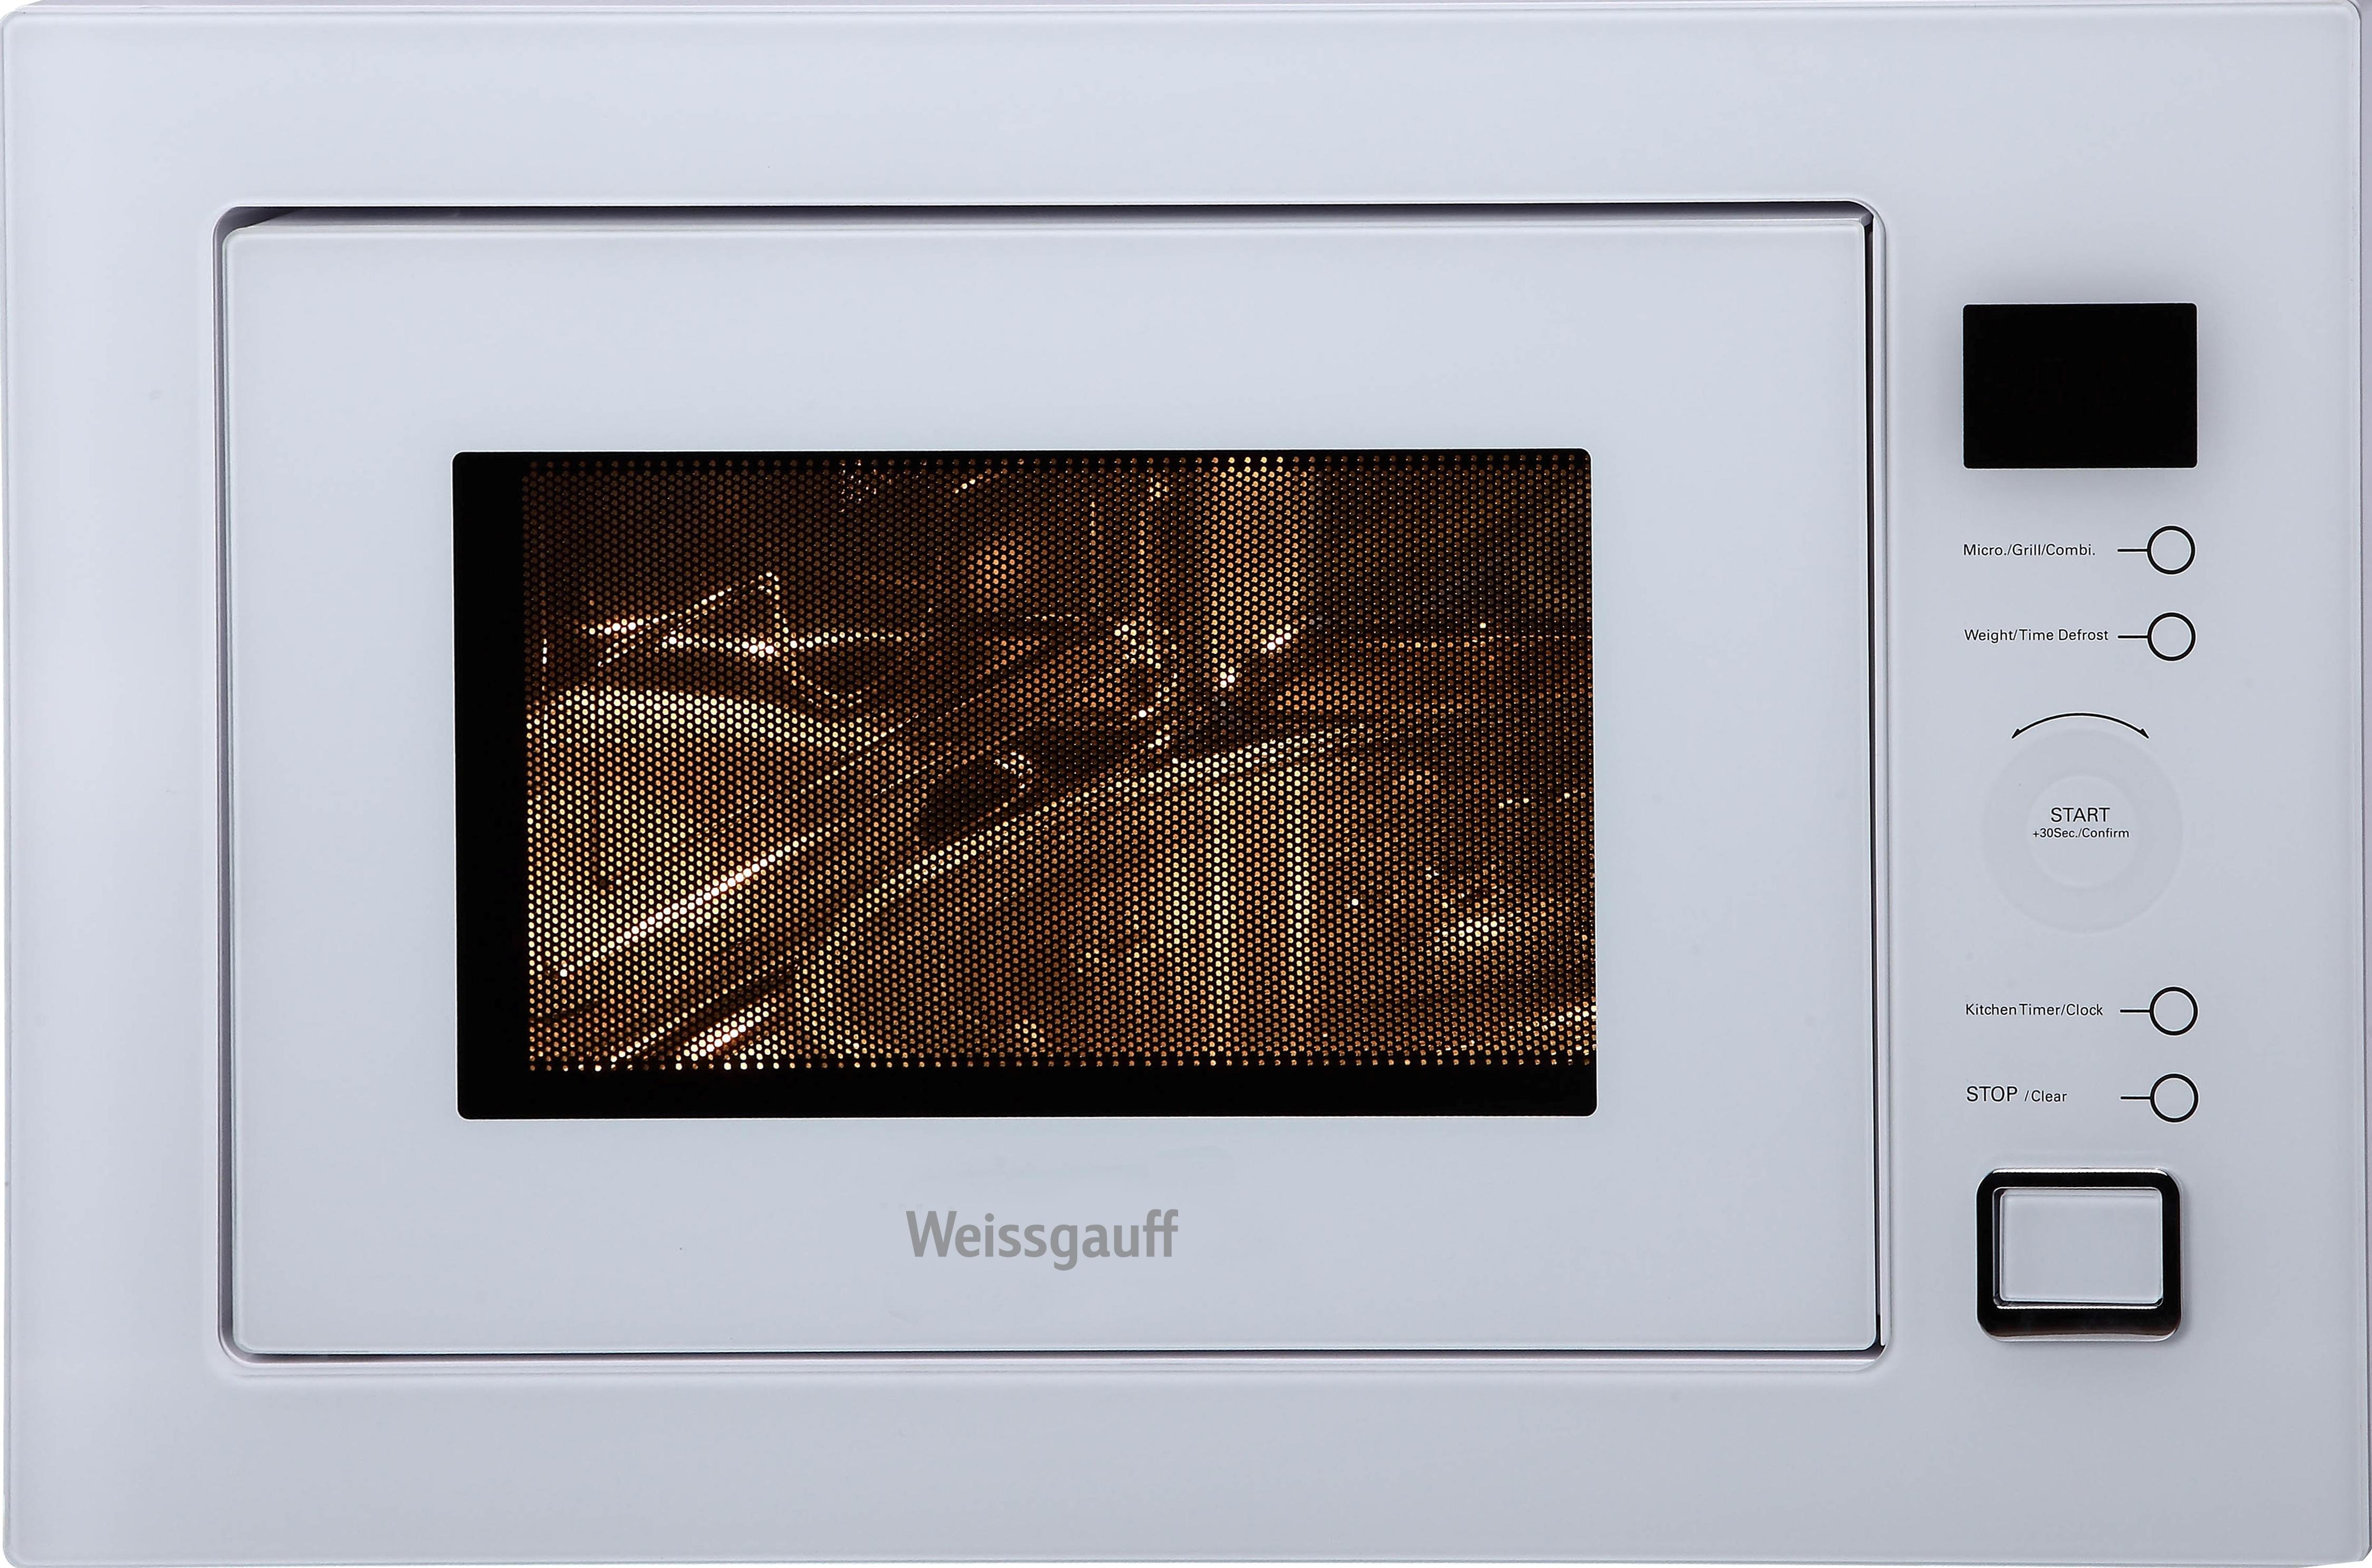 Встраиваемая микроволновая печь Weissgauff